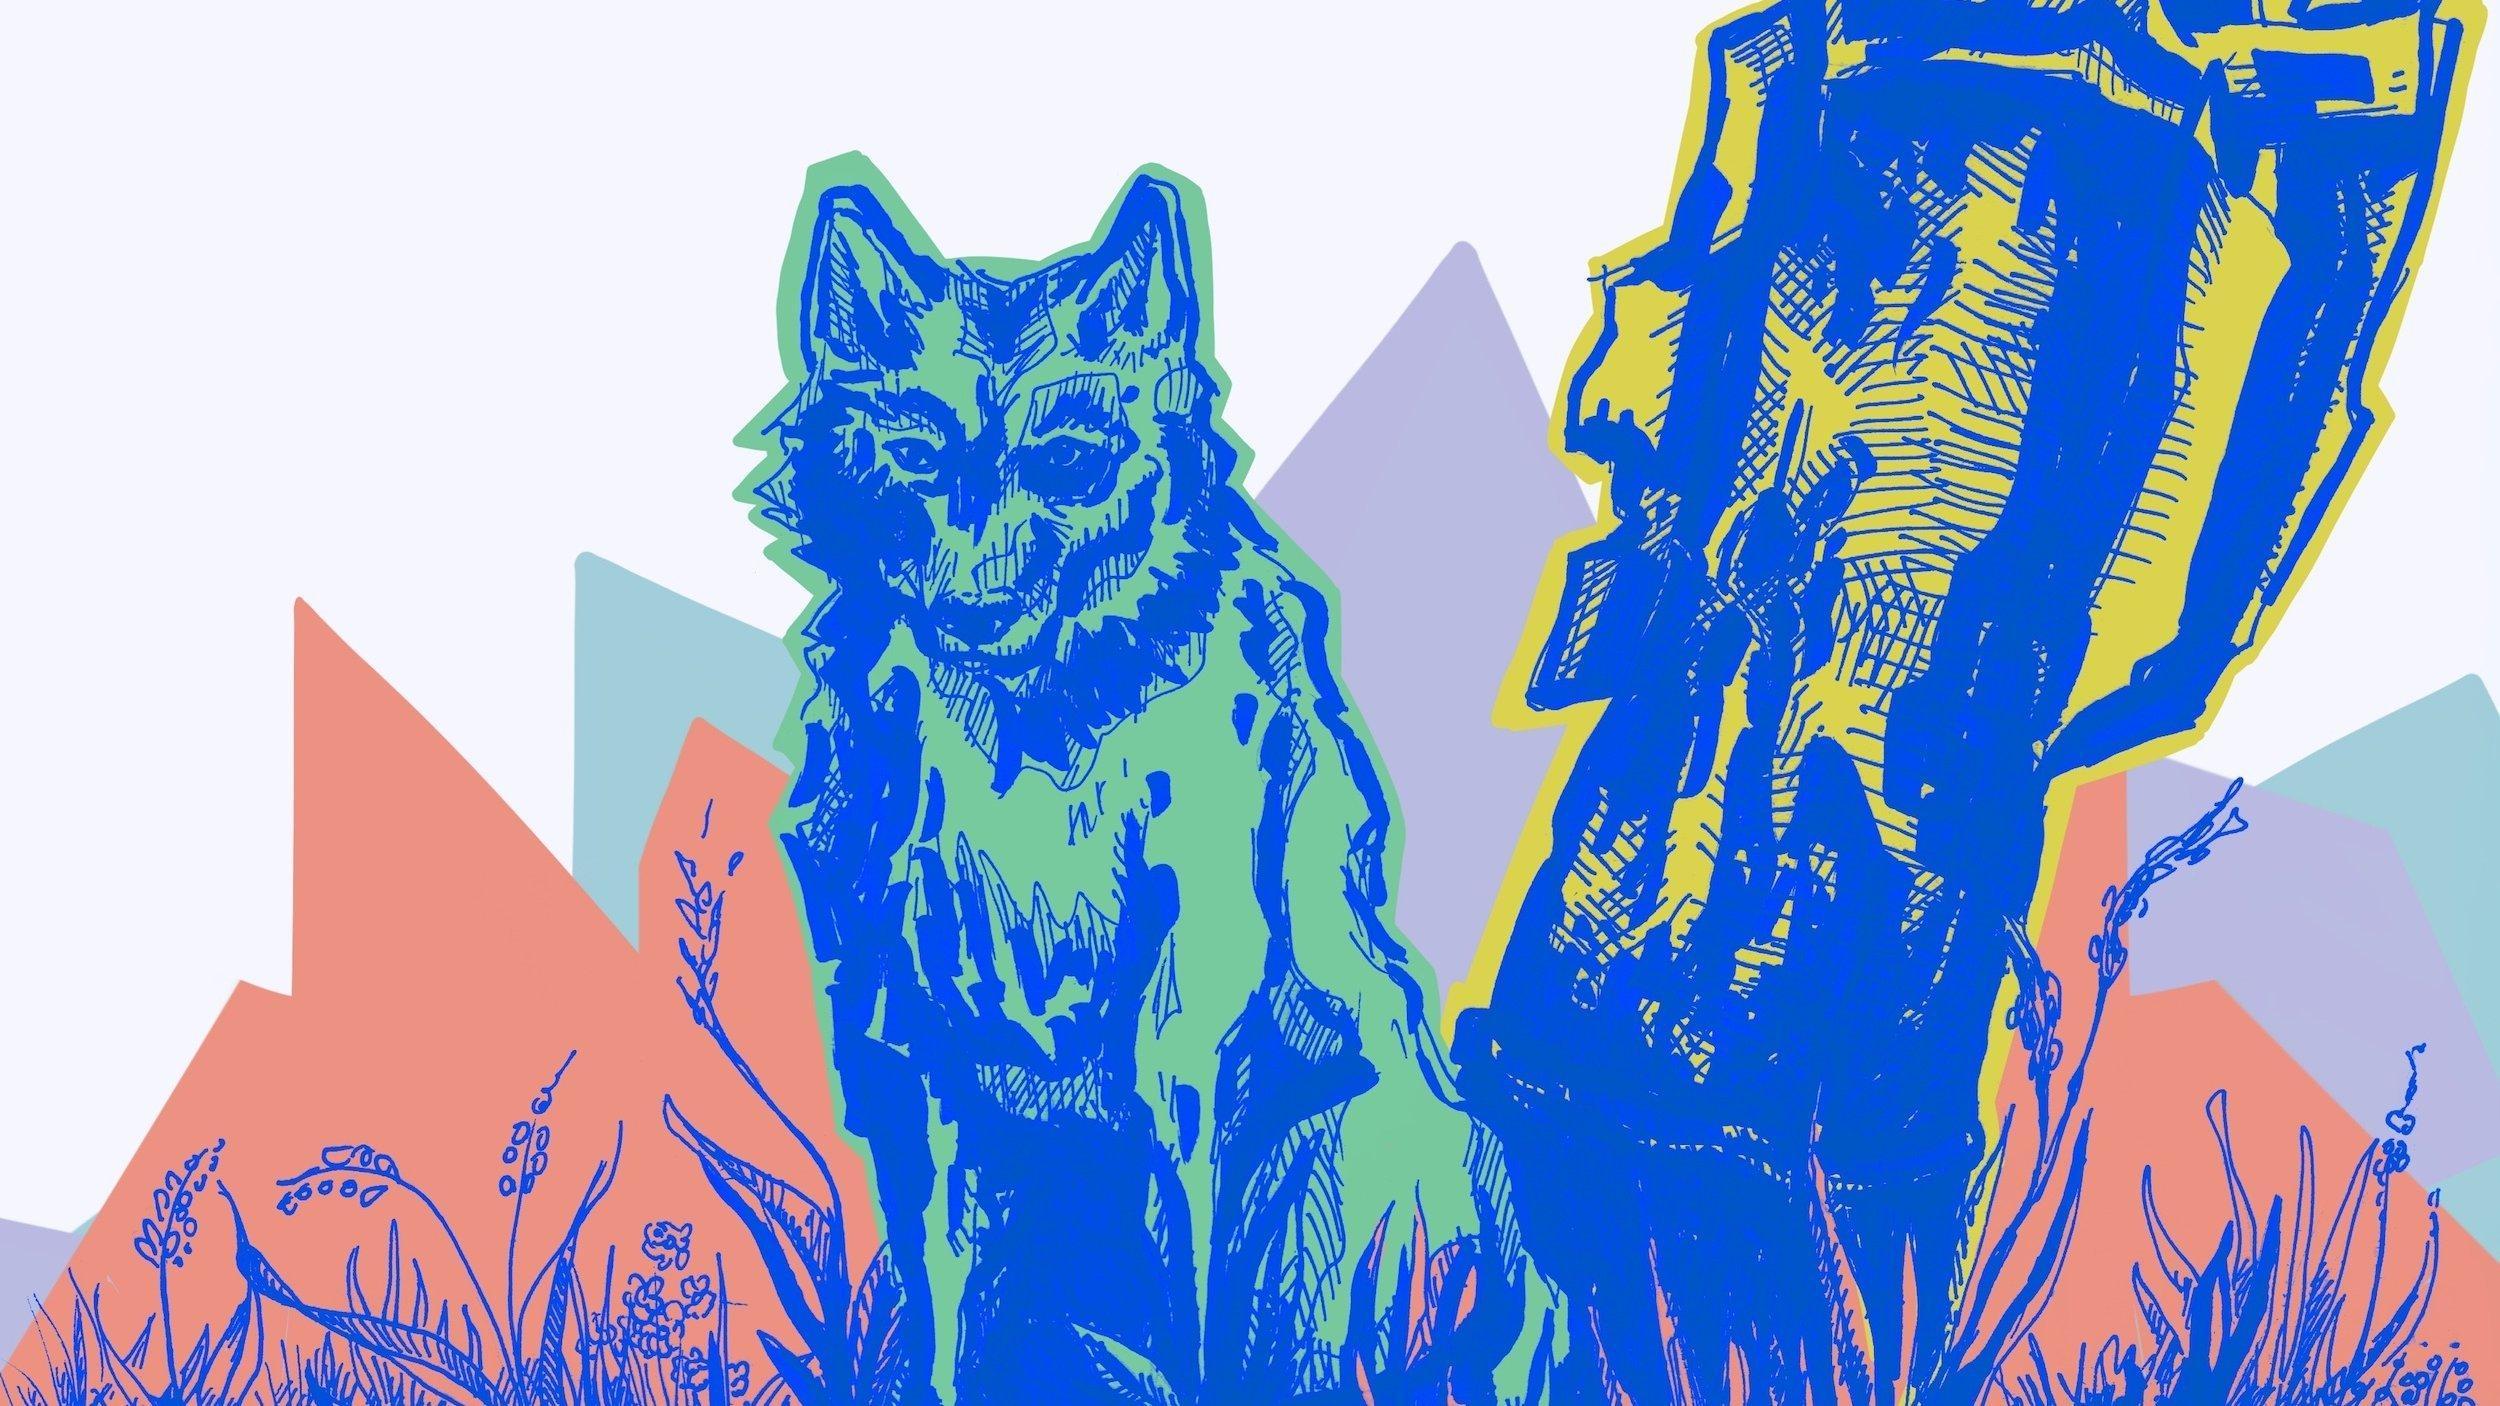 Die Illustration zeigt einen Wolf, der neben einem abgebrochenen Baumstamm sitzt und den Betrachter anschaut.